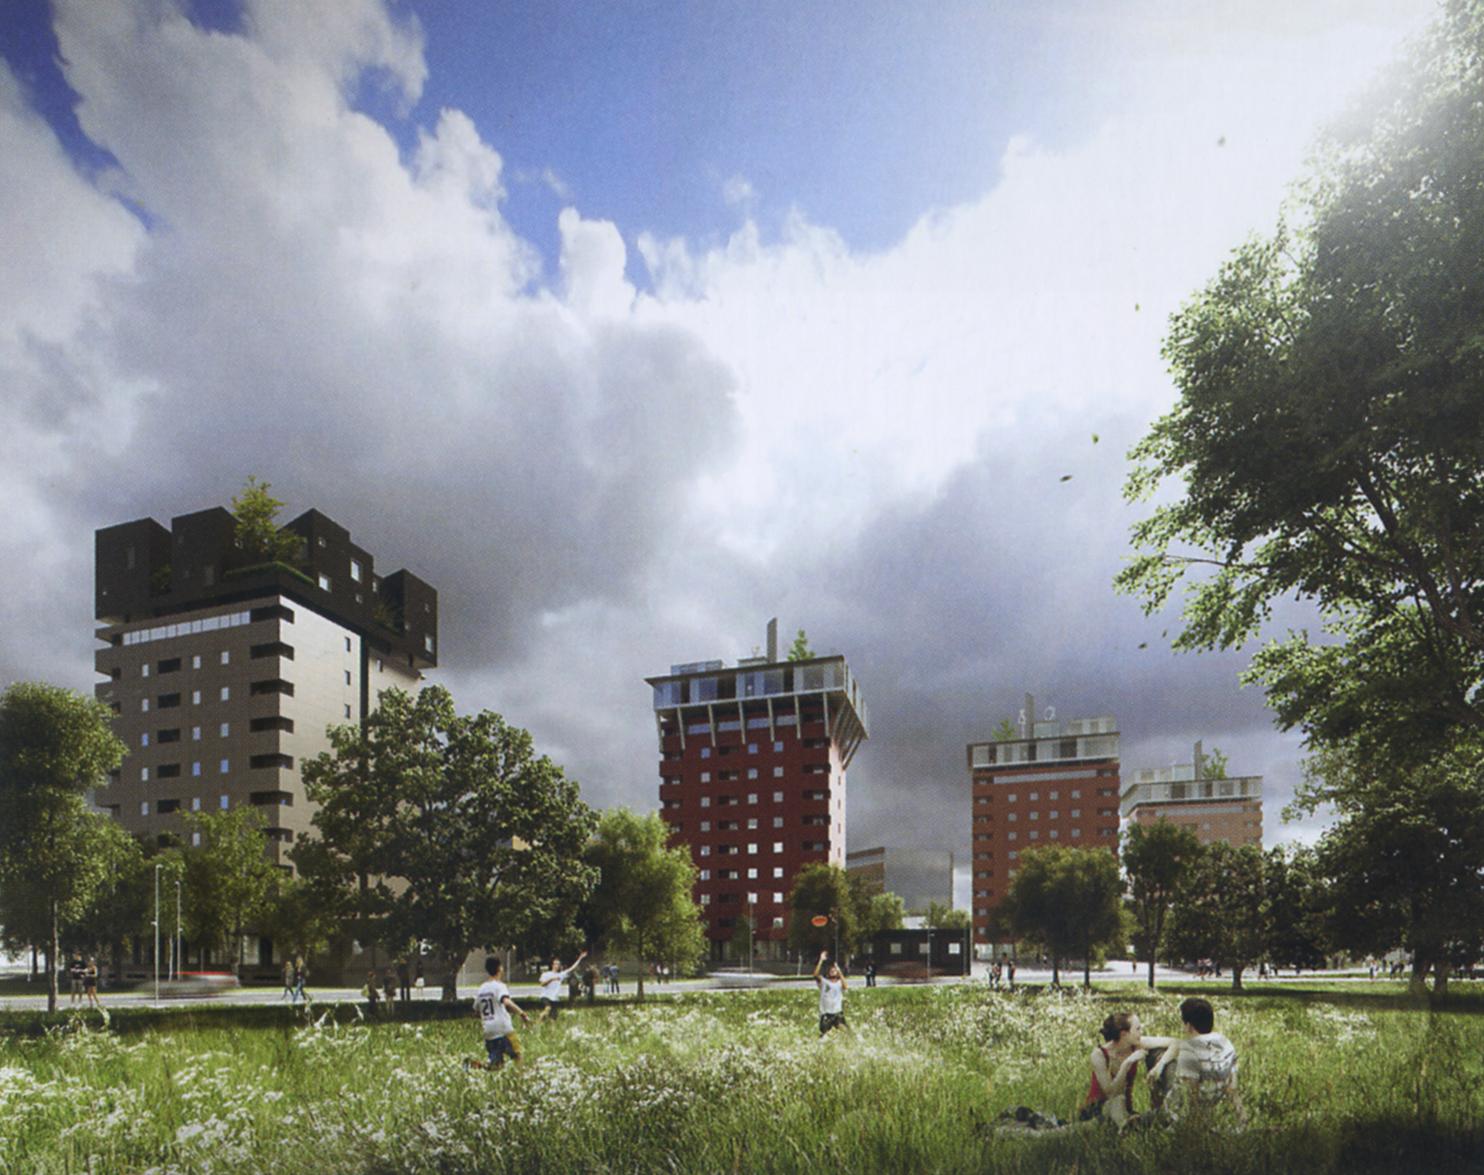 Mario Cucinella Architects, Riqualificazione e ampliamento del complesso residenziale ALER, via Russoli, Milano